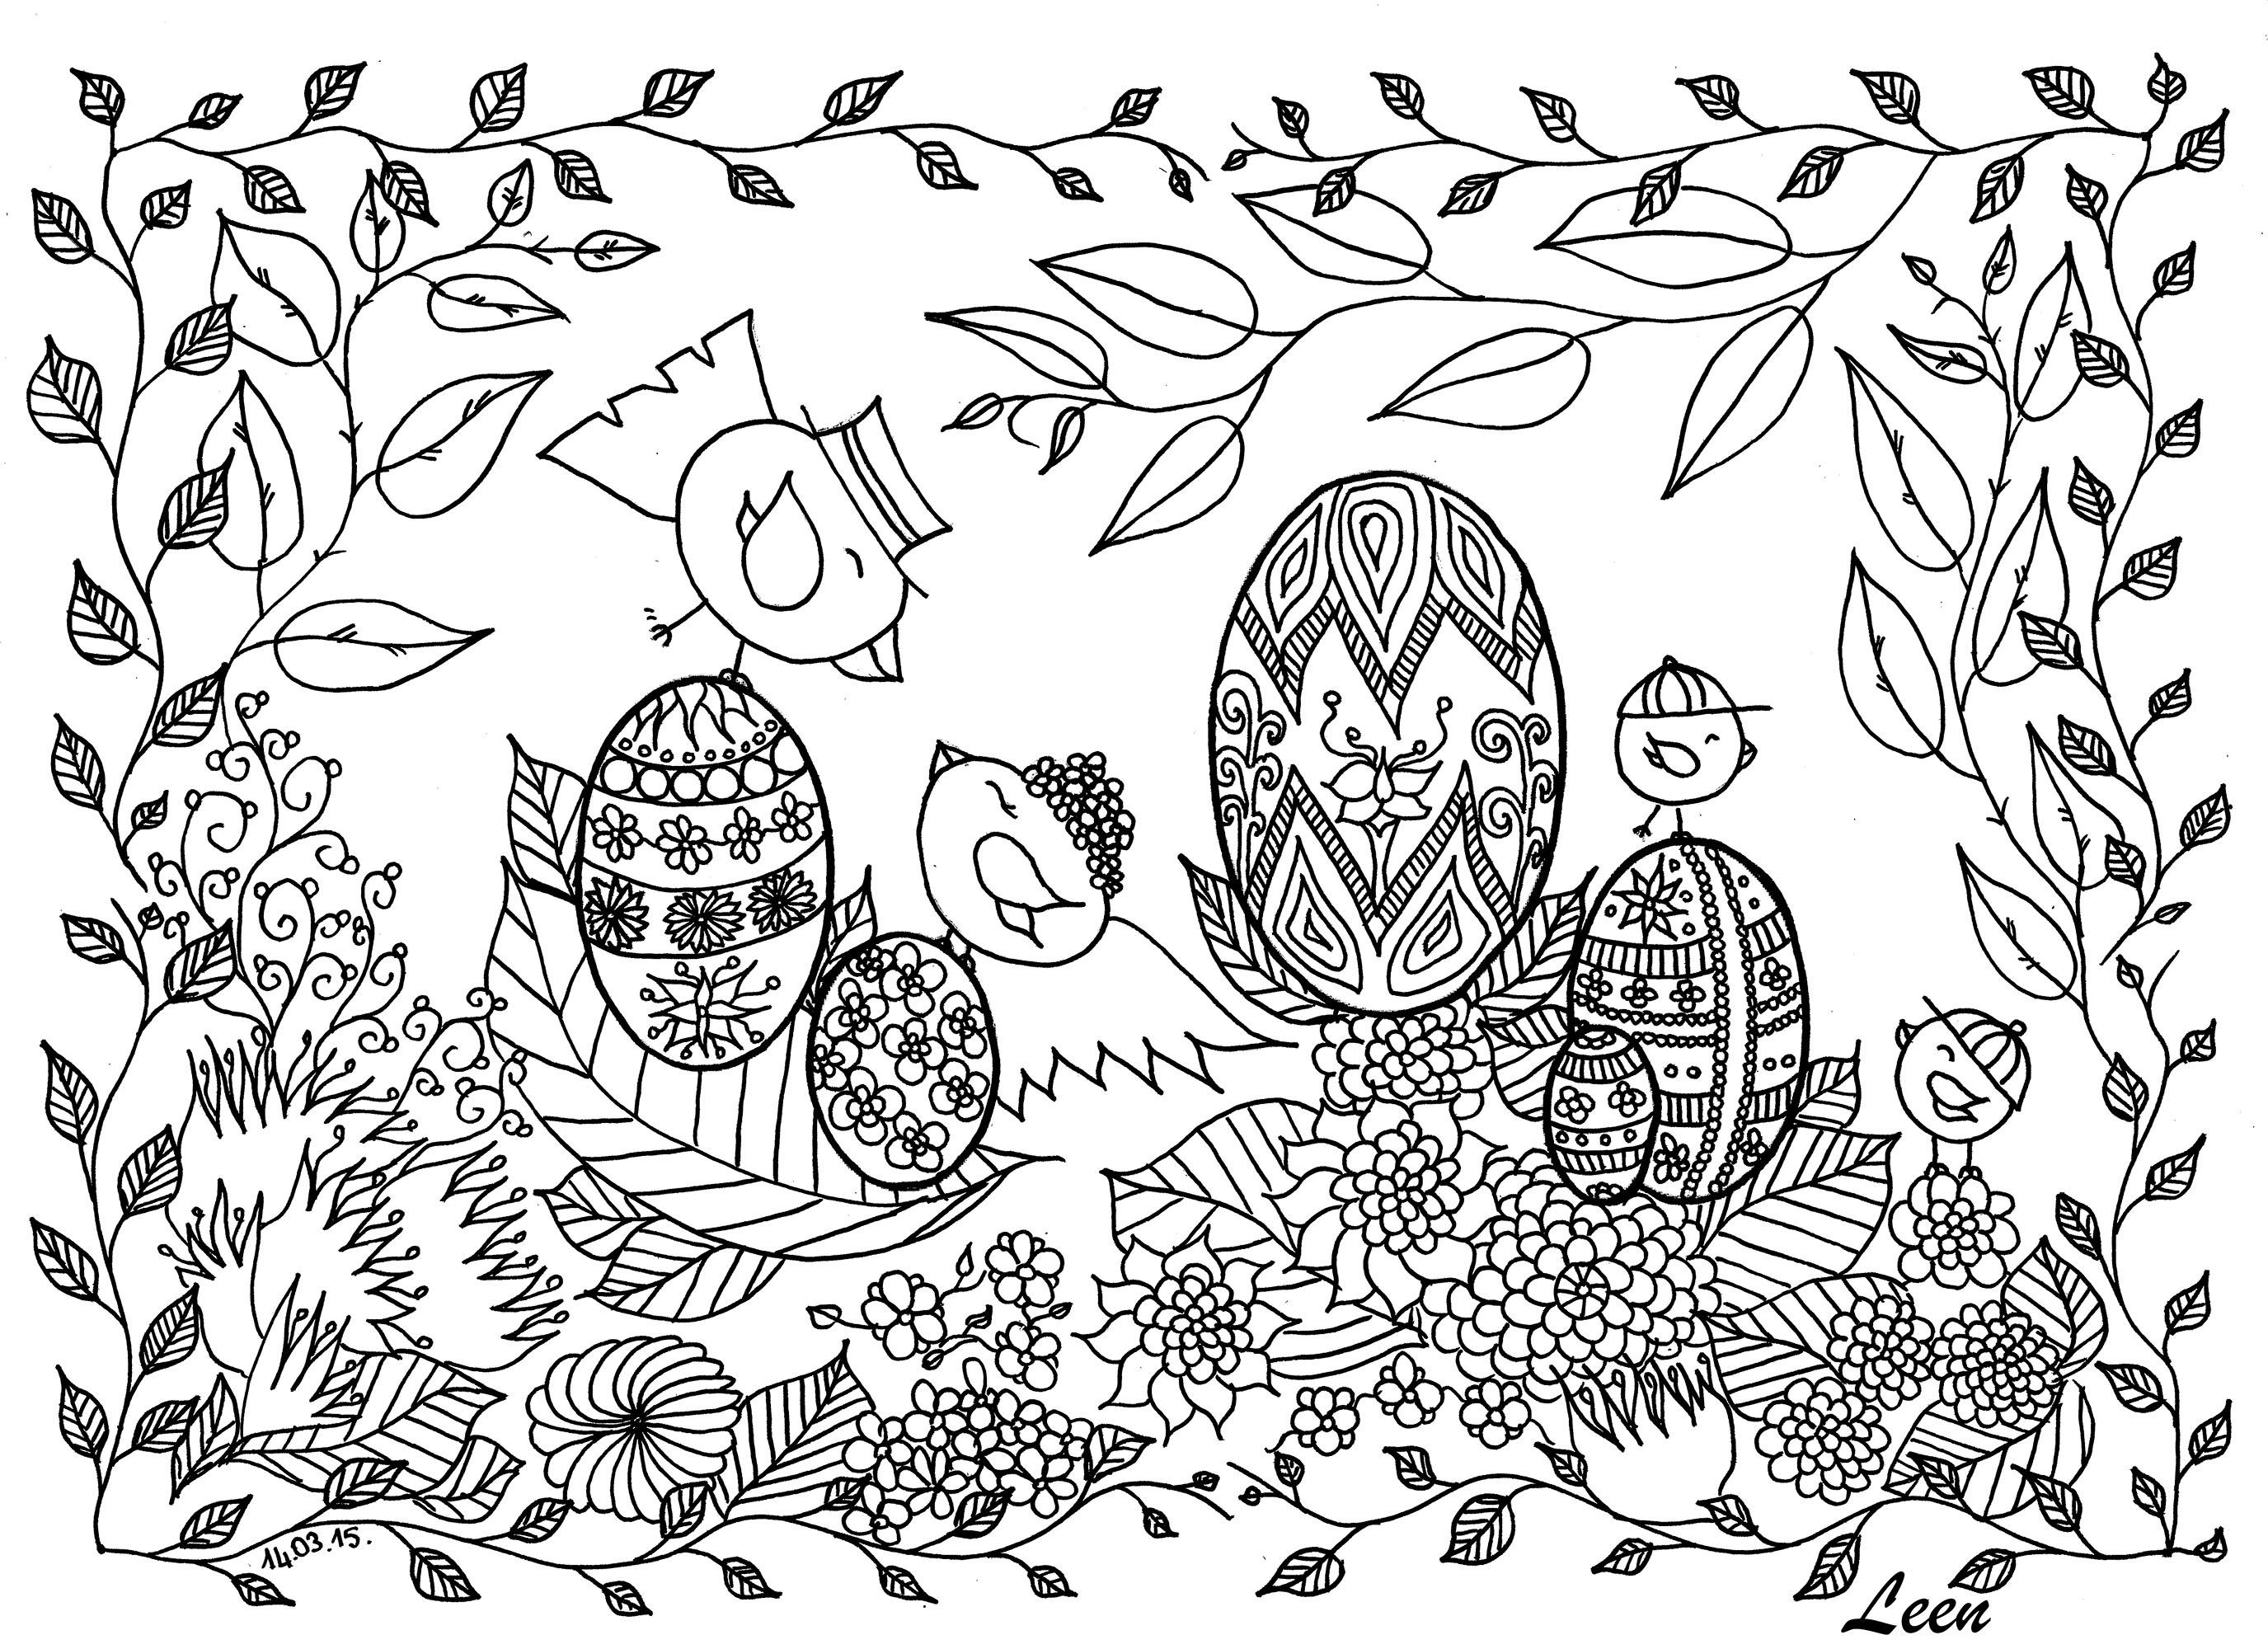 'Easter eggs'